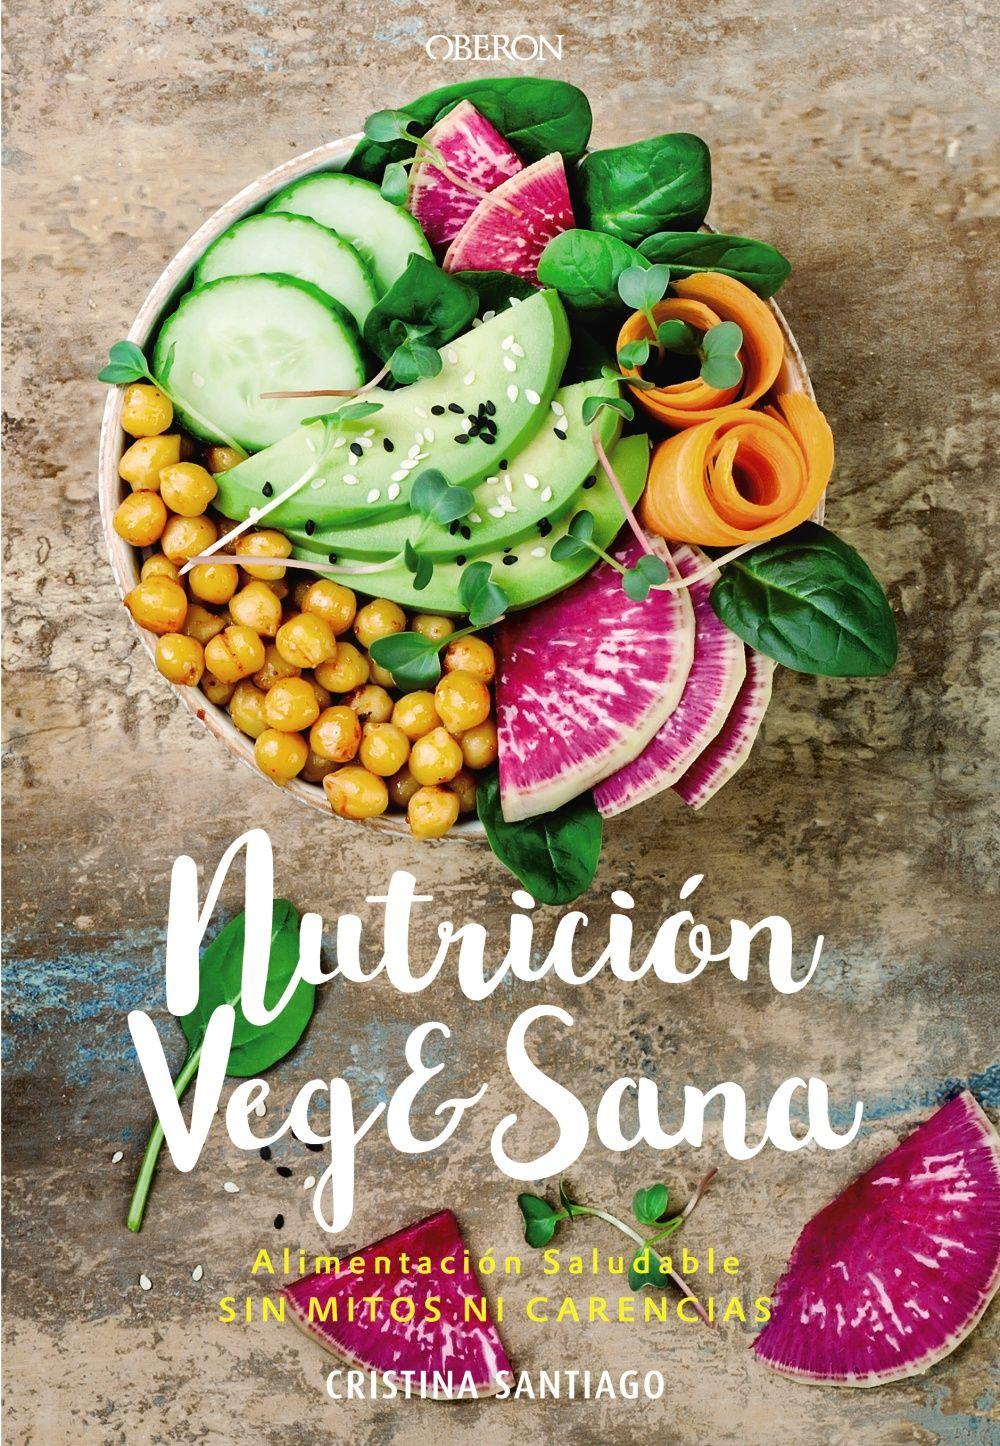 NUTRICION VEG&SANA